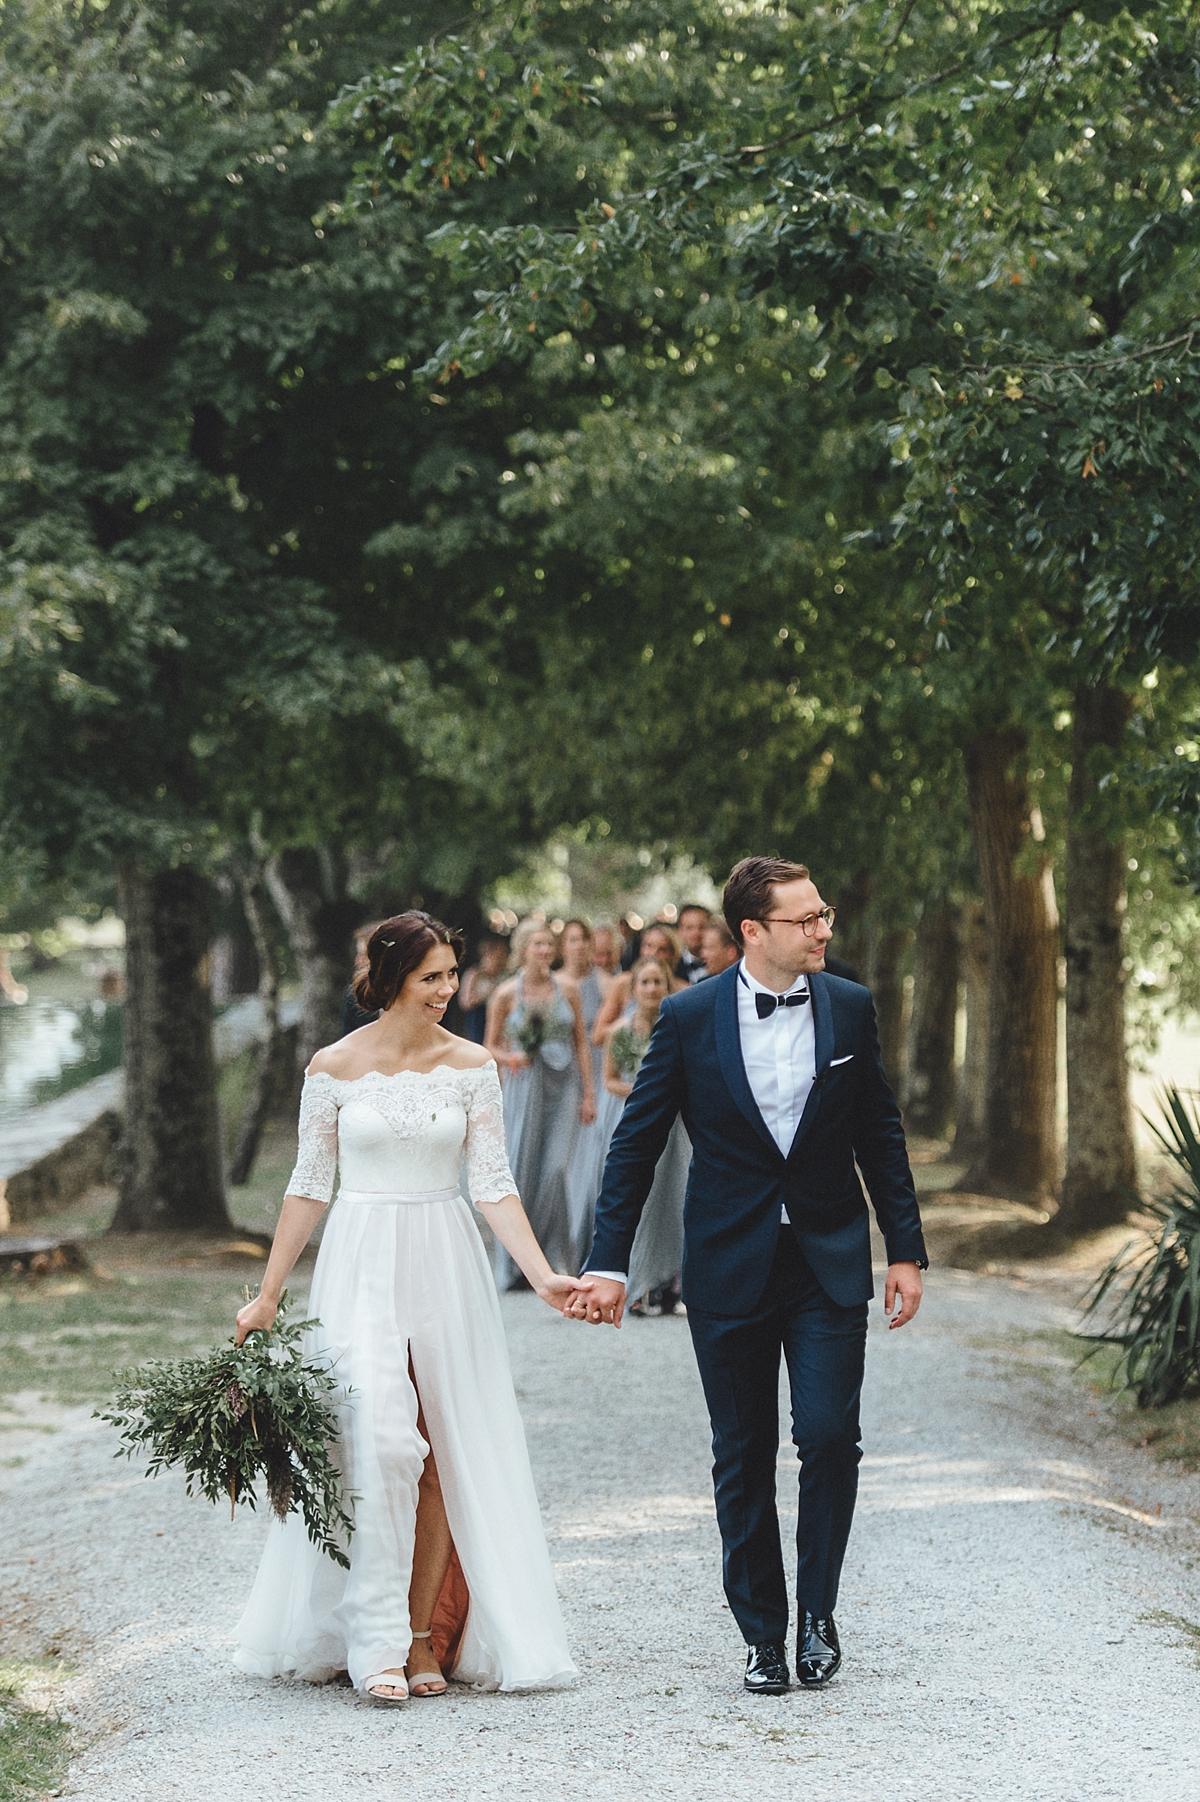 hochzeitsfotograf toskana Kristina & Daniel Mediterrane Toskana Hochzeithochzeitsfotograf toskana italien 2154